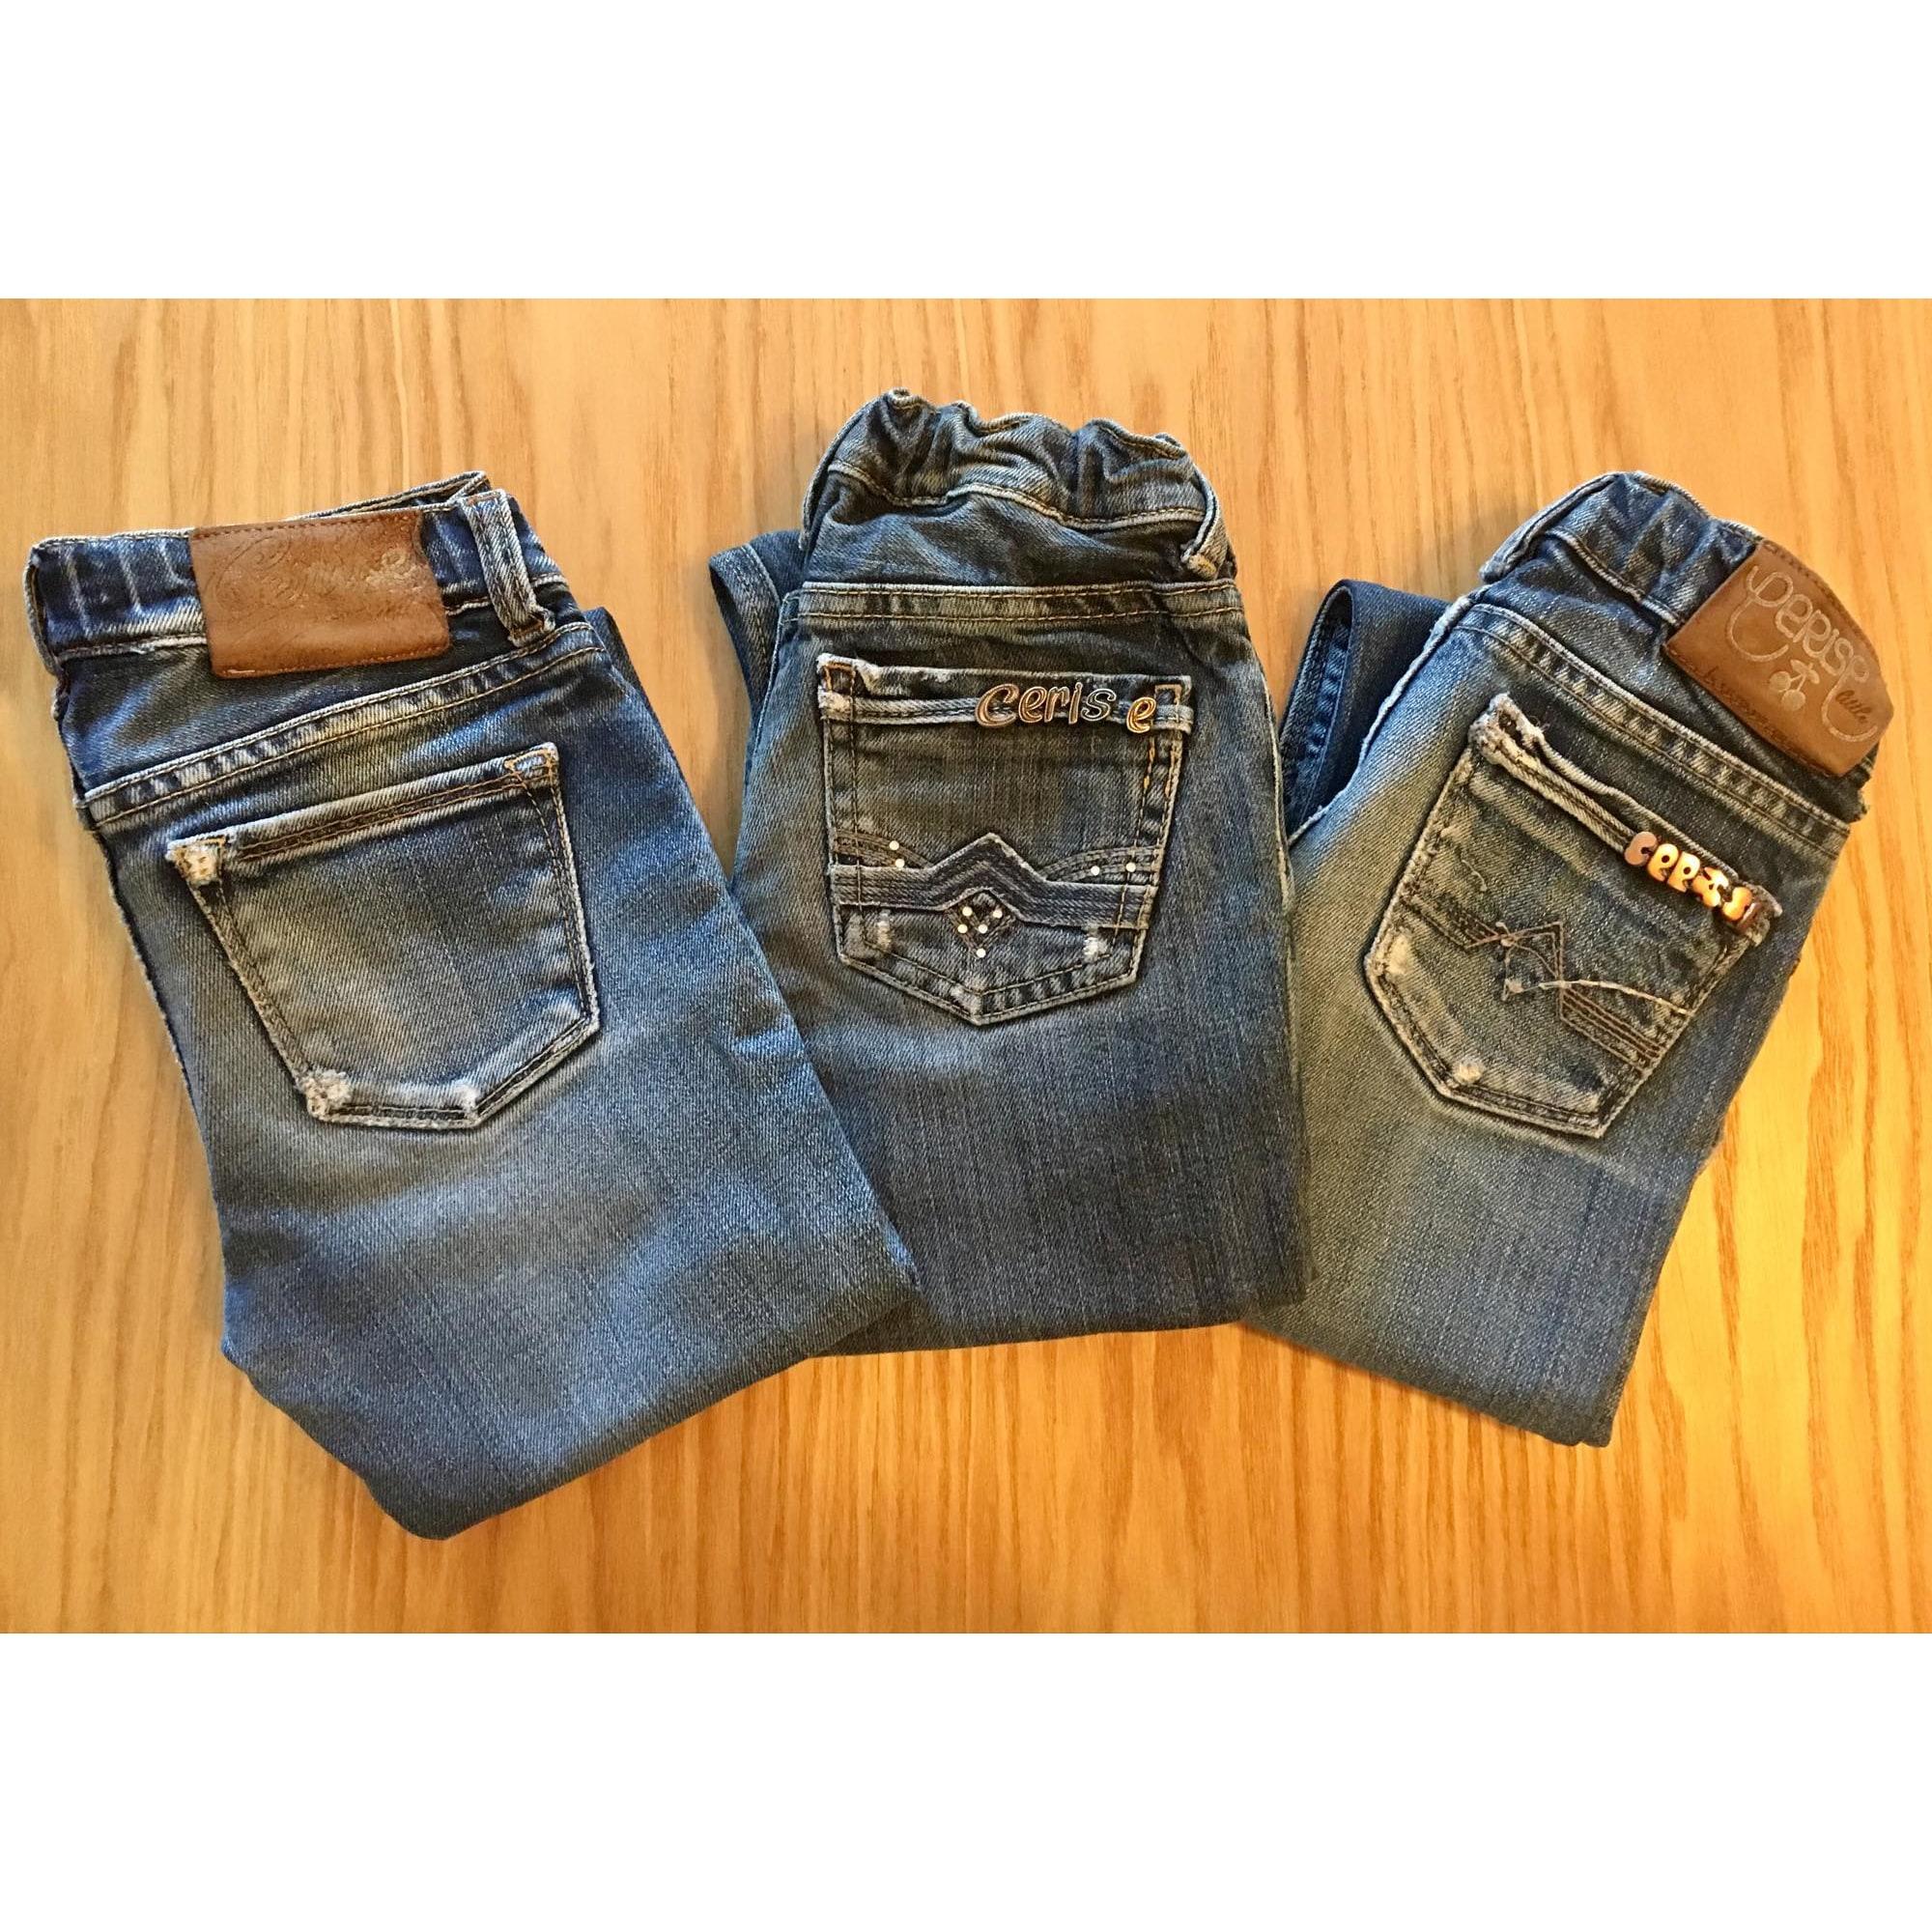 Jeans droit LE TEMPS DES CERISES denim, jean bleu 5-6 ans